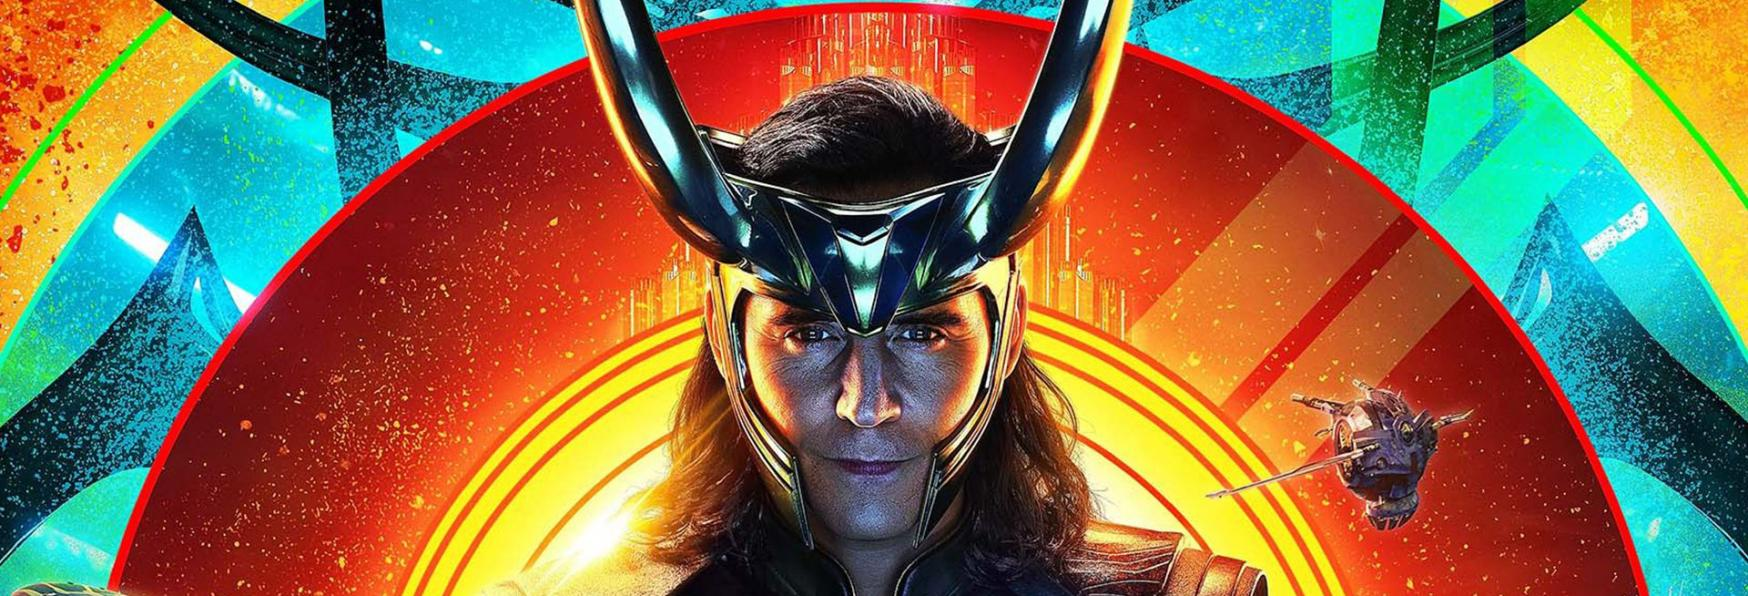 L'Attore Tom Hiddleston parla del suo Futuro nel Ruolo di Loki